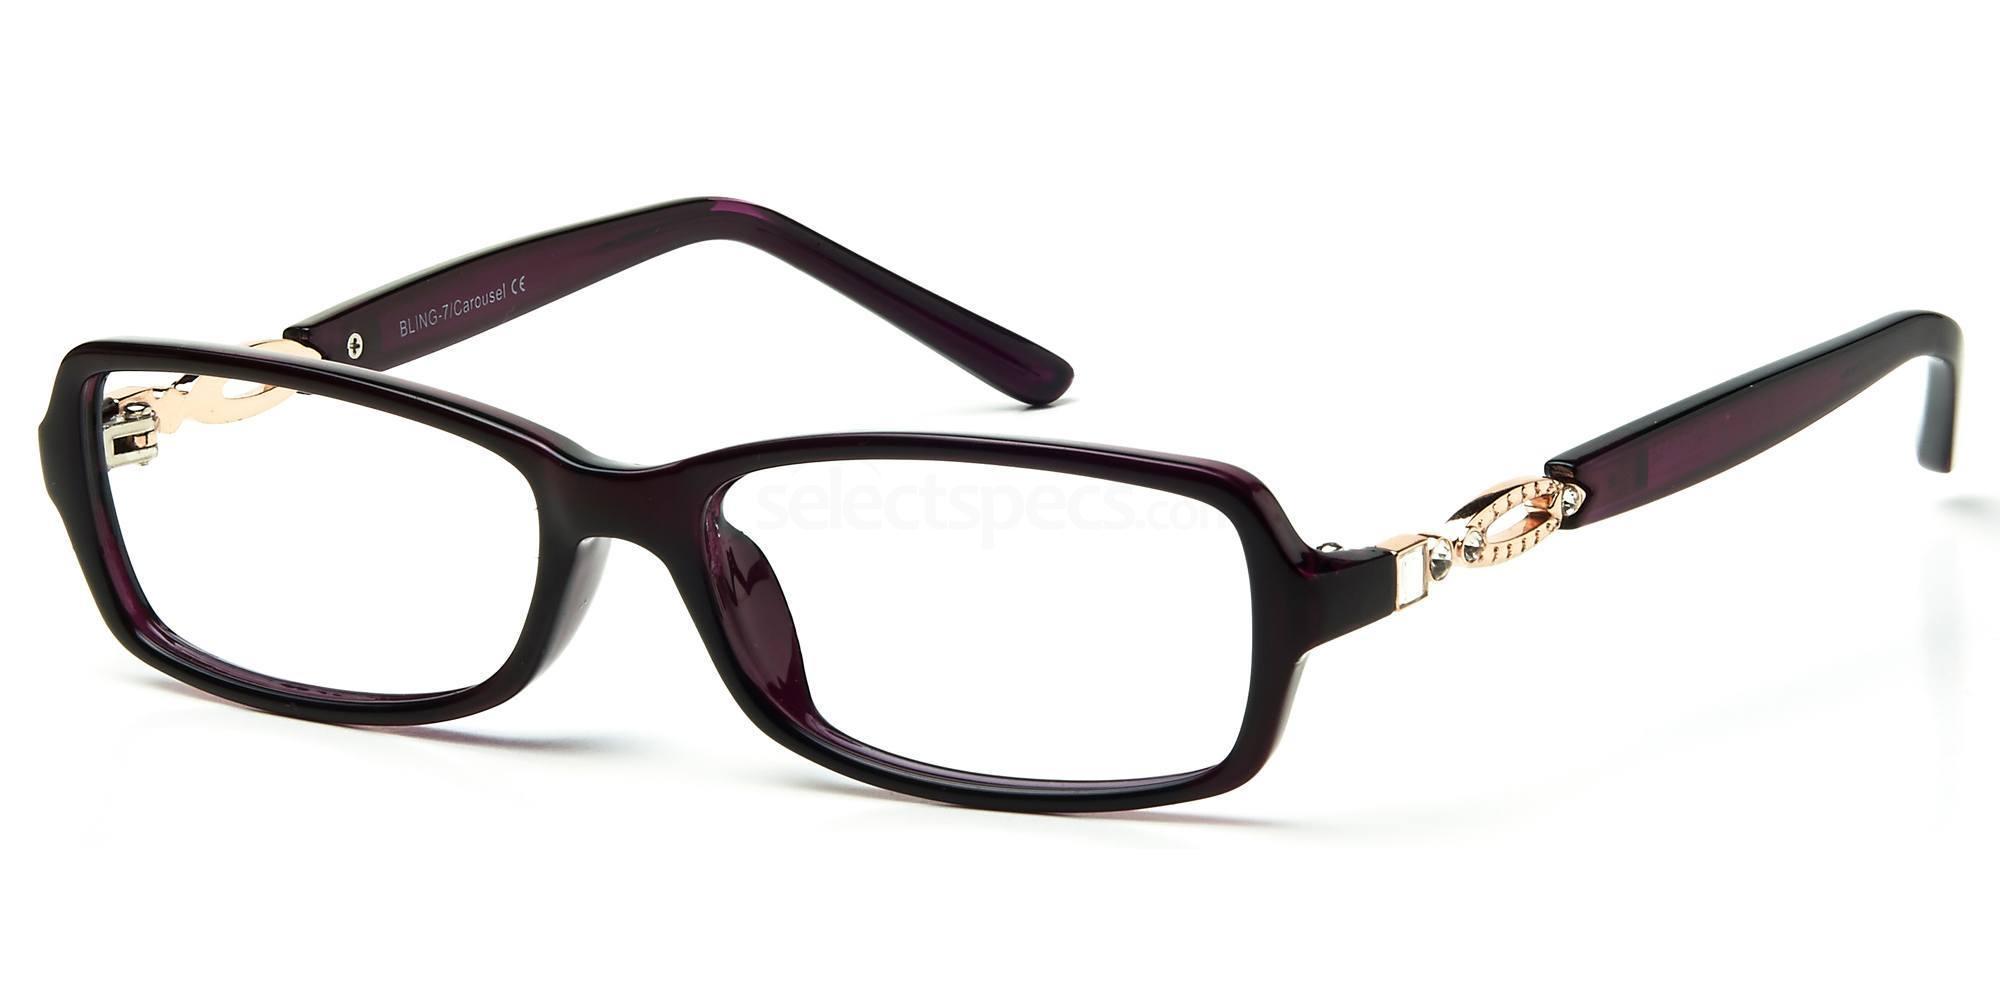 C1 BLING07 Glasses, Bling